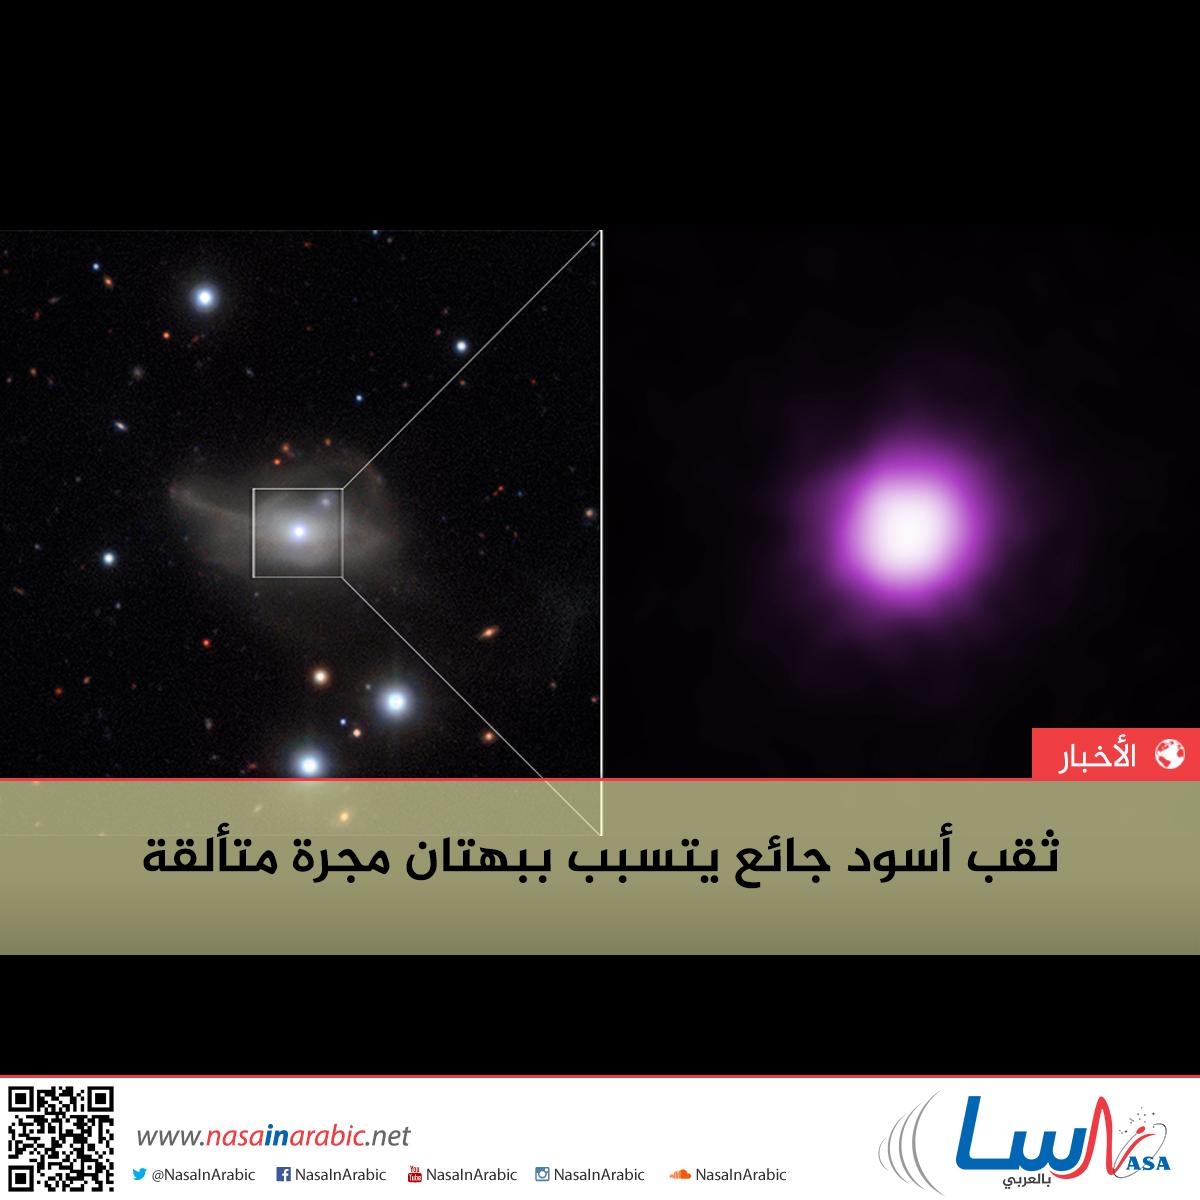 ثقب أسود جائع يتسبب ببهتان مجرة متألقة